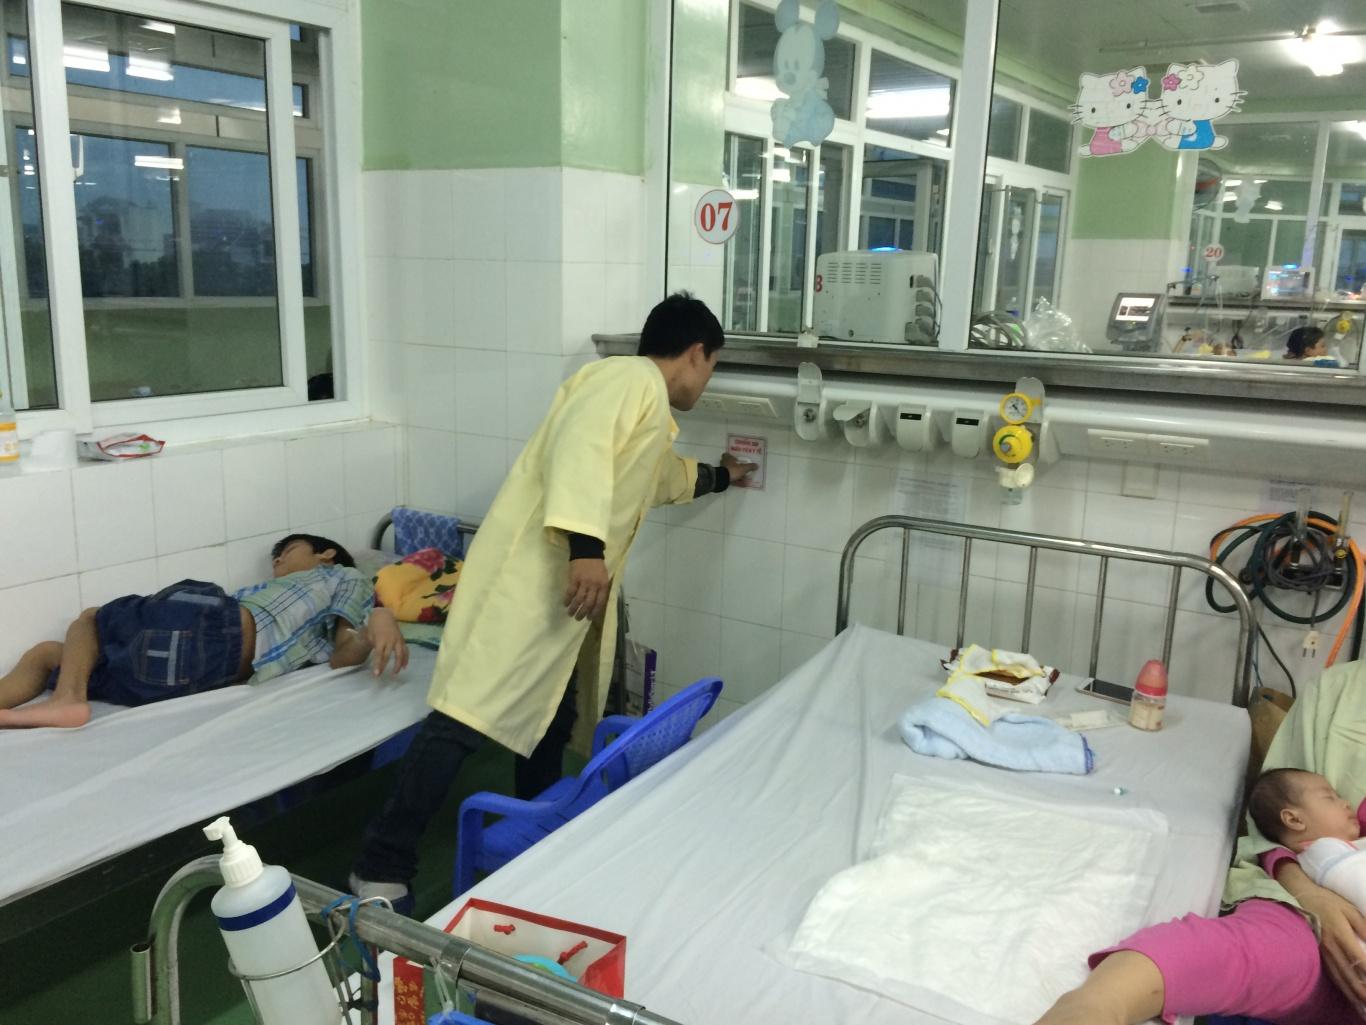 Lắp đặt nút chuông gọi y tá WS-100 tại khoa hồi sức cấp cứu bệnh viện phụ sản nhi Đà Nẵng